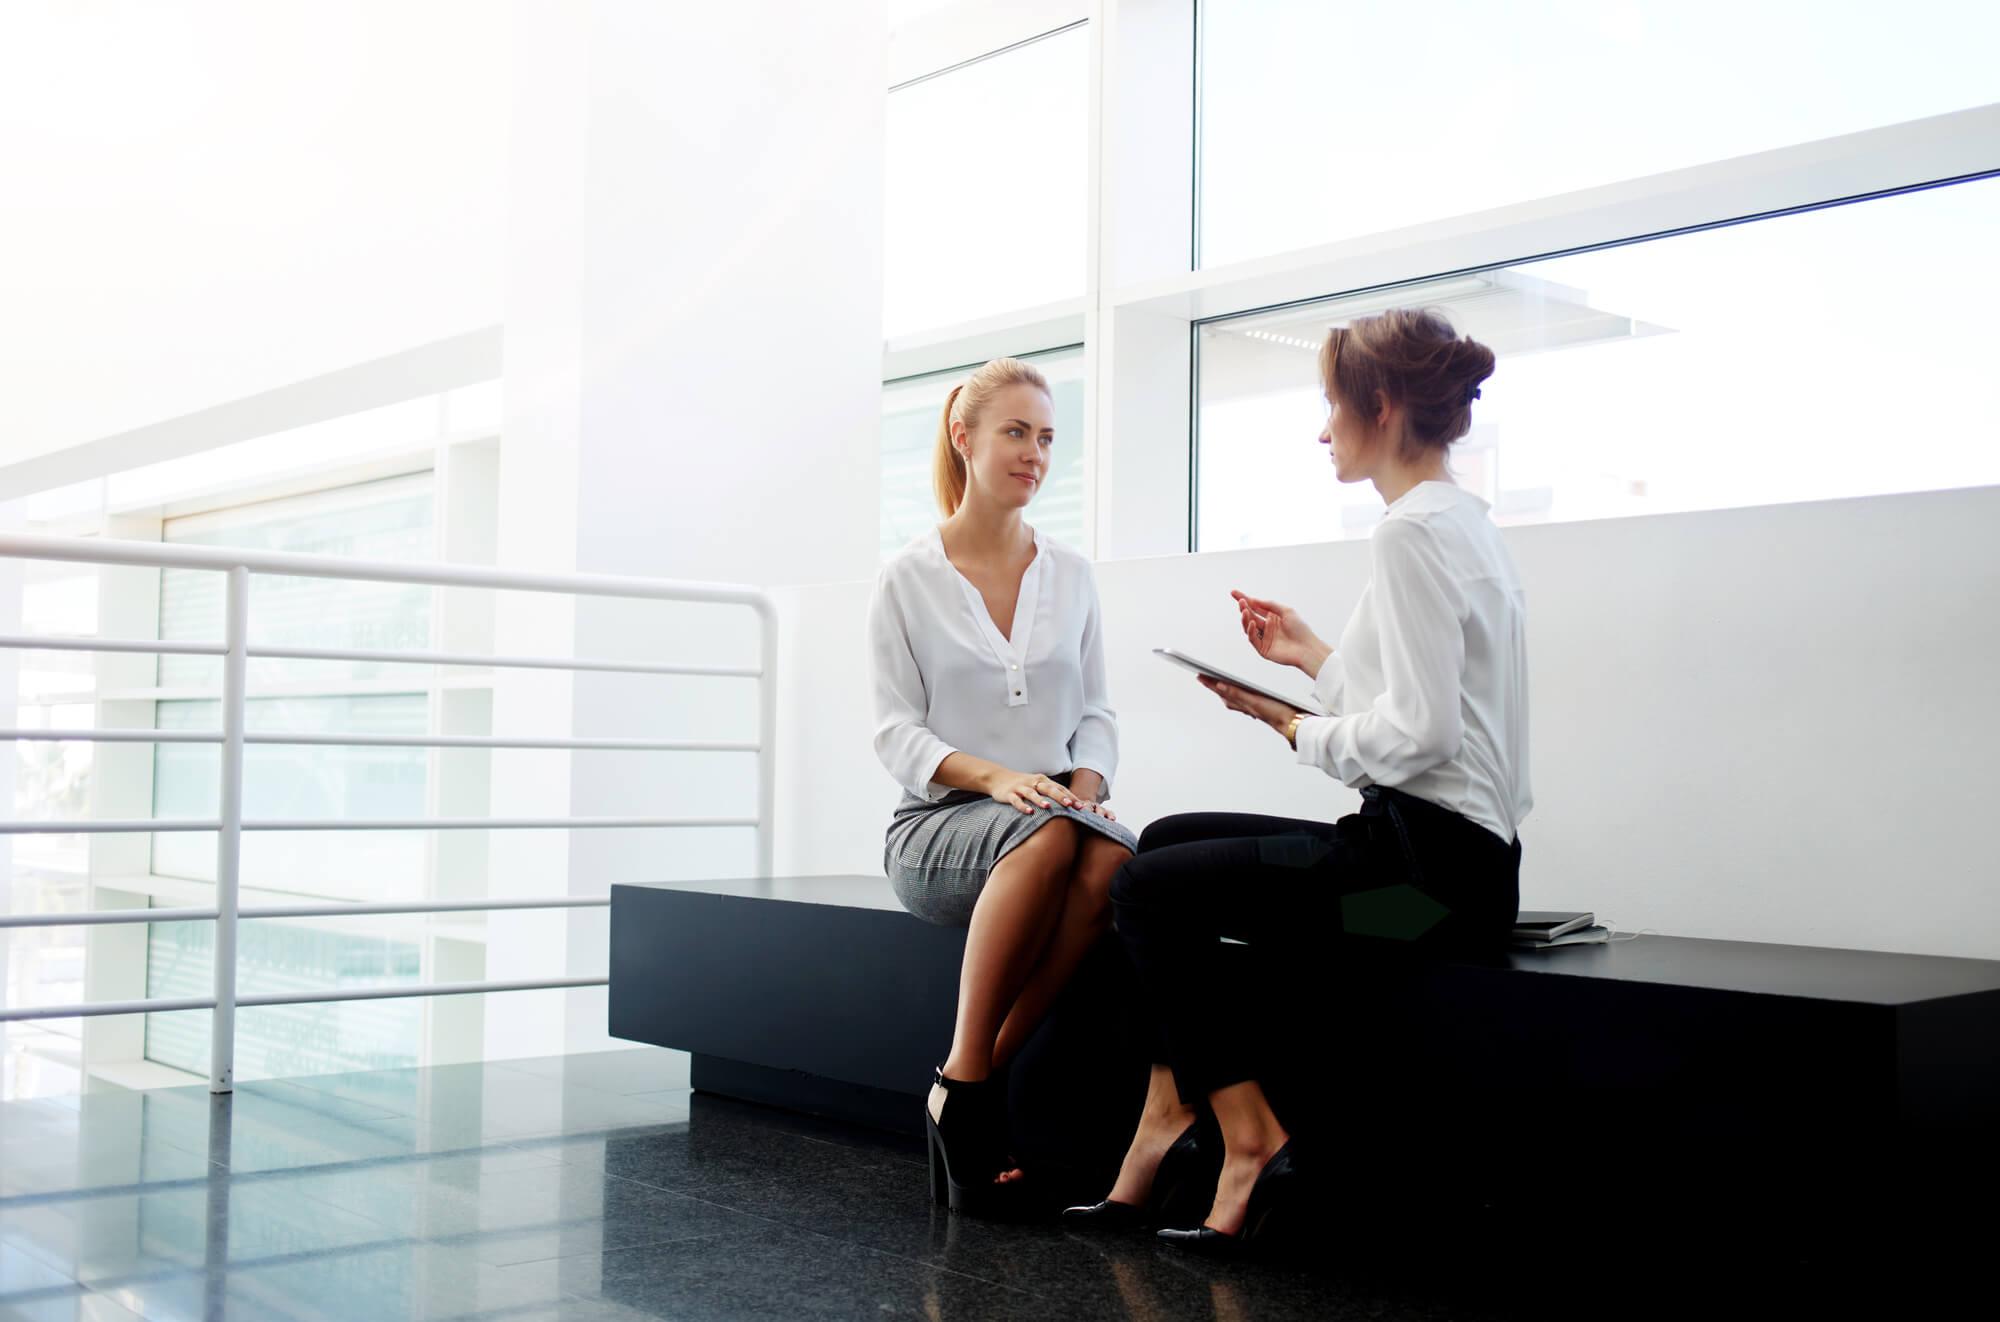 O que está faltando na análise de desempenho da sua empresa?